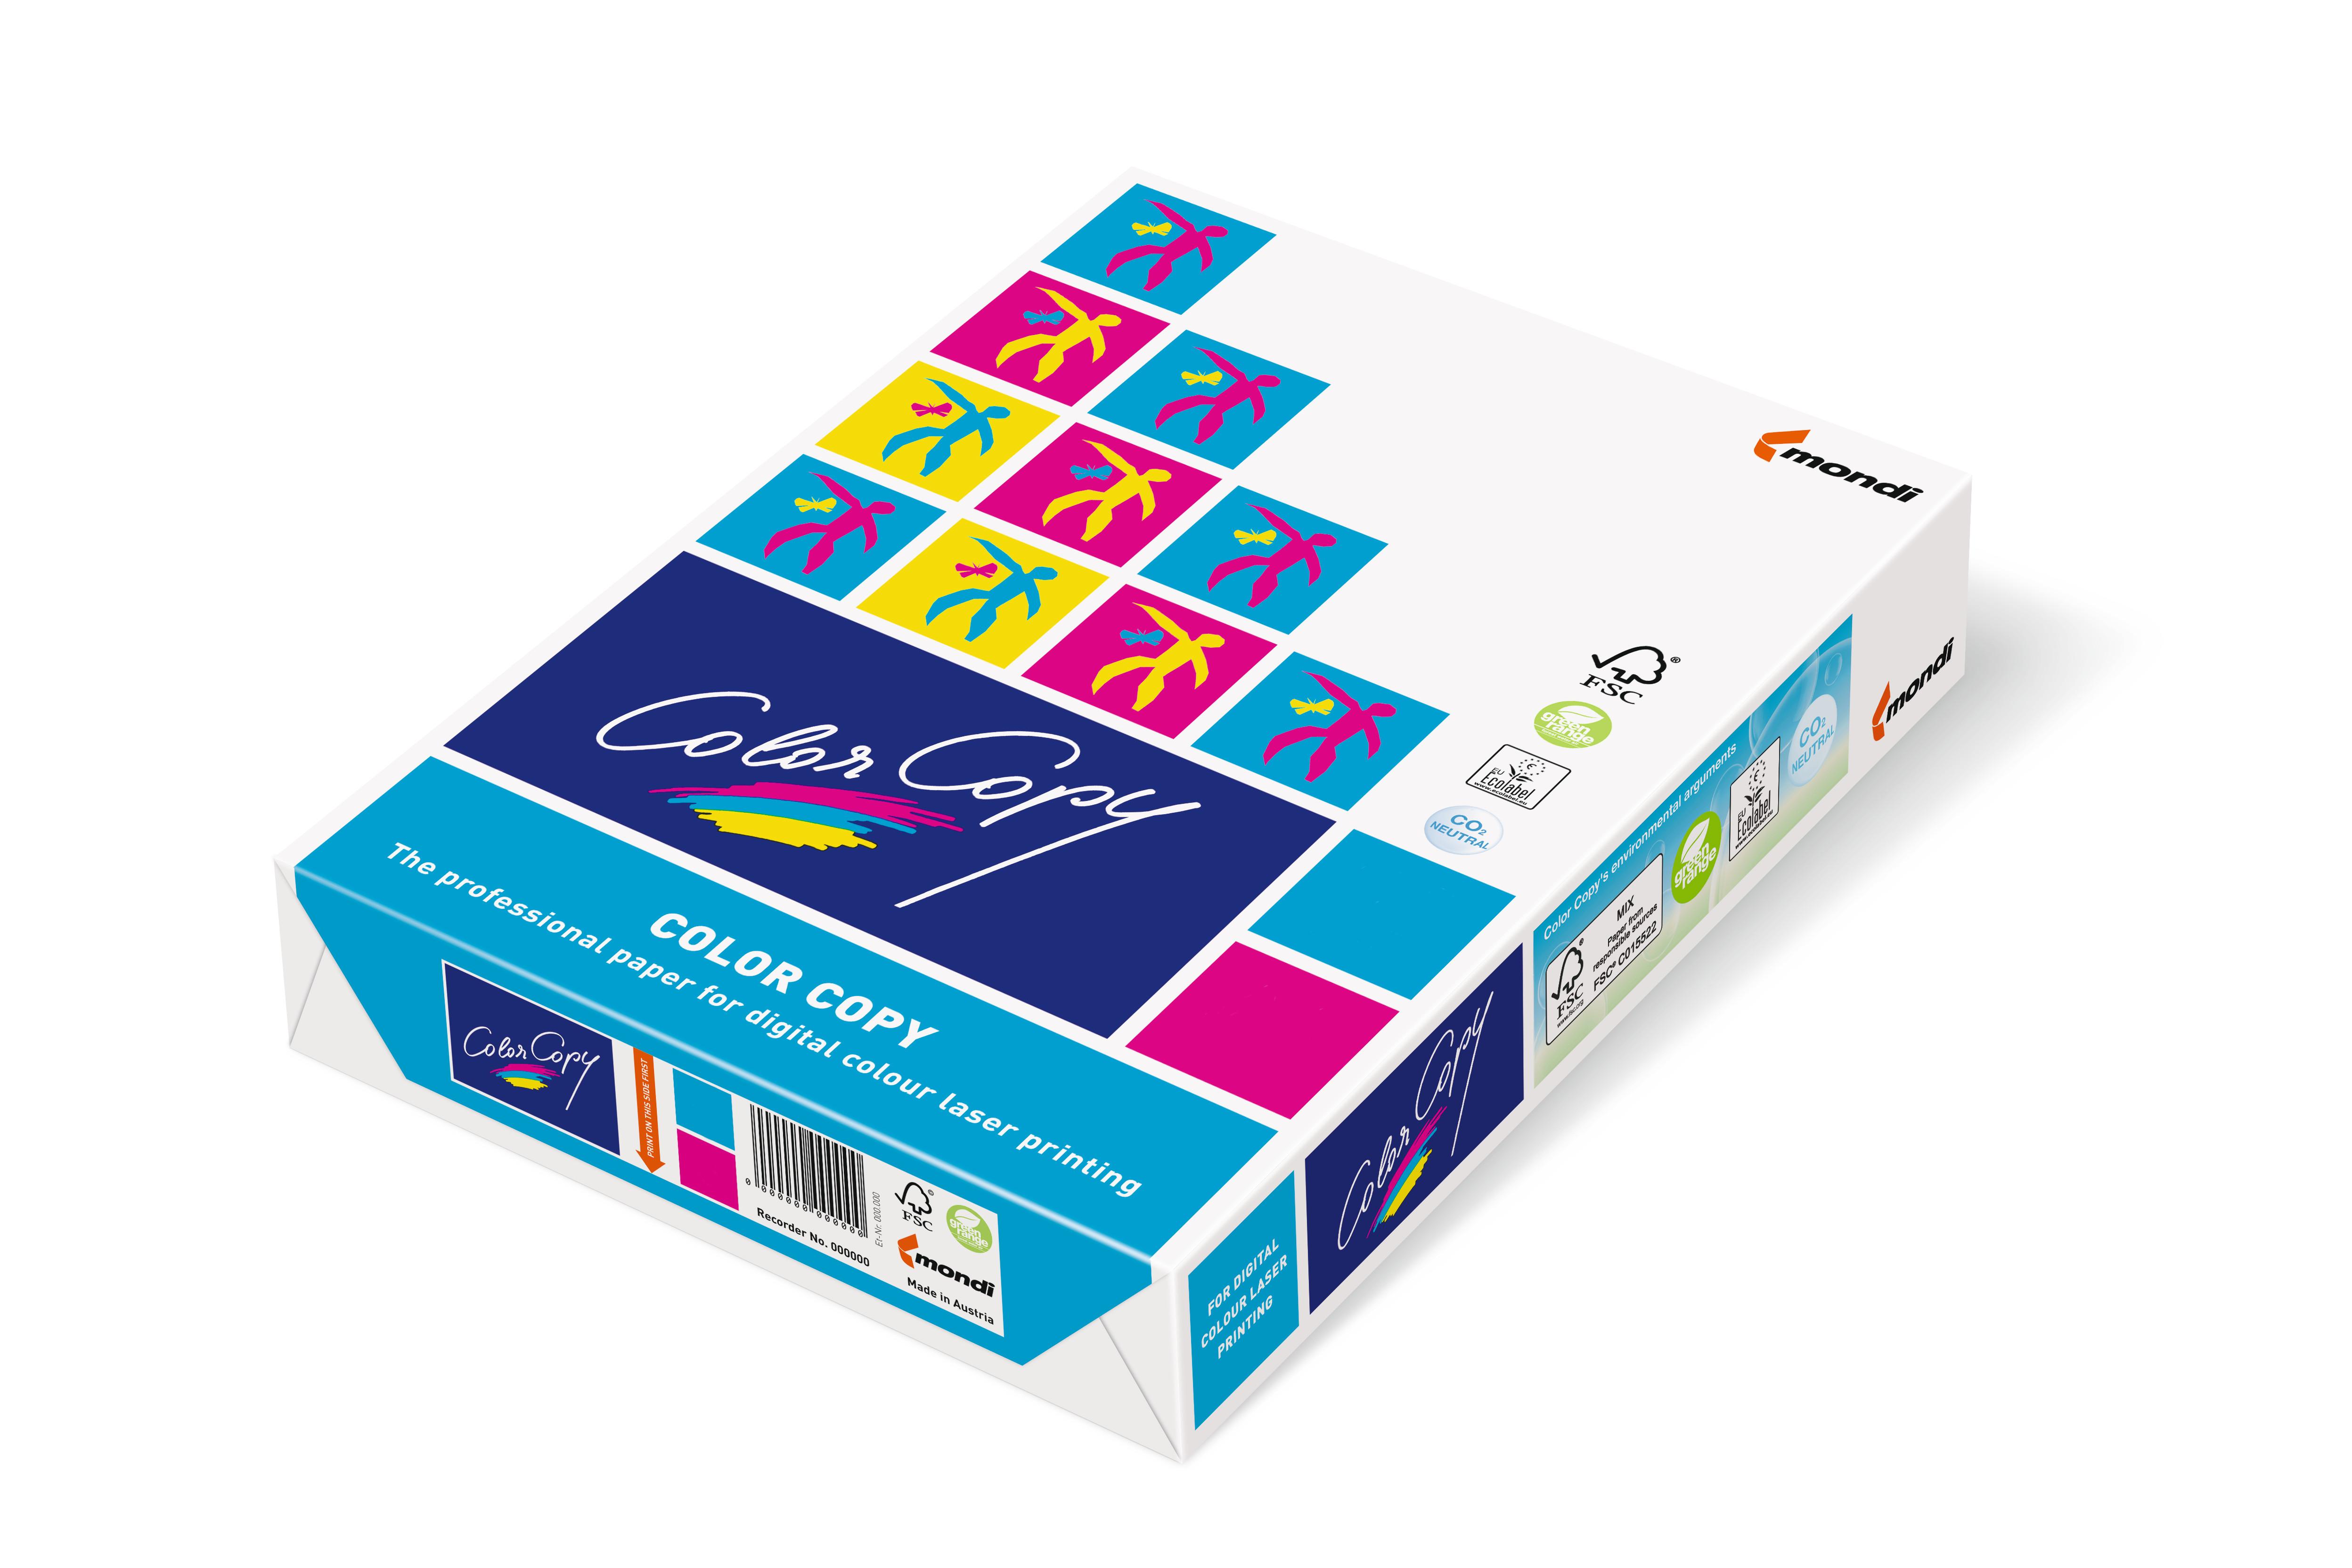 Mondi Color Copy Mondi 120g/m² DIN-A3+ (457x305) 500 Blatt